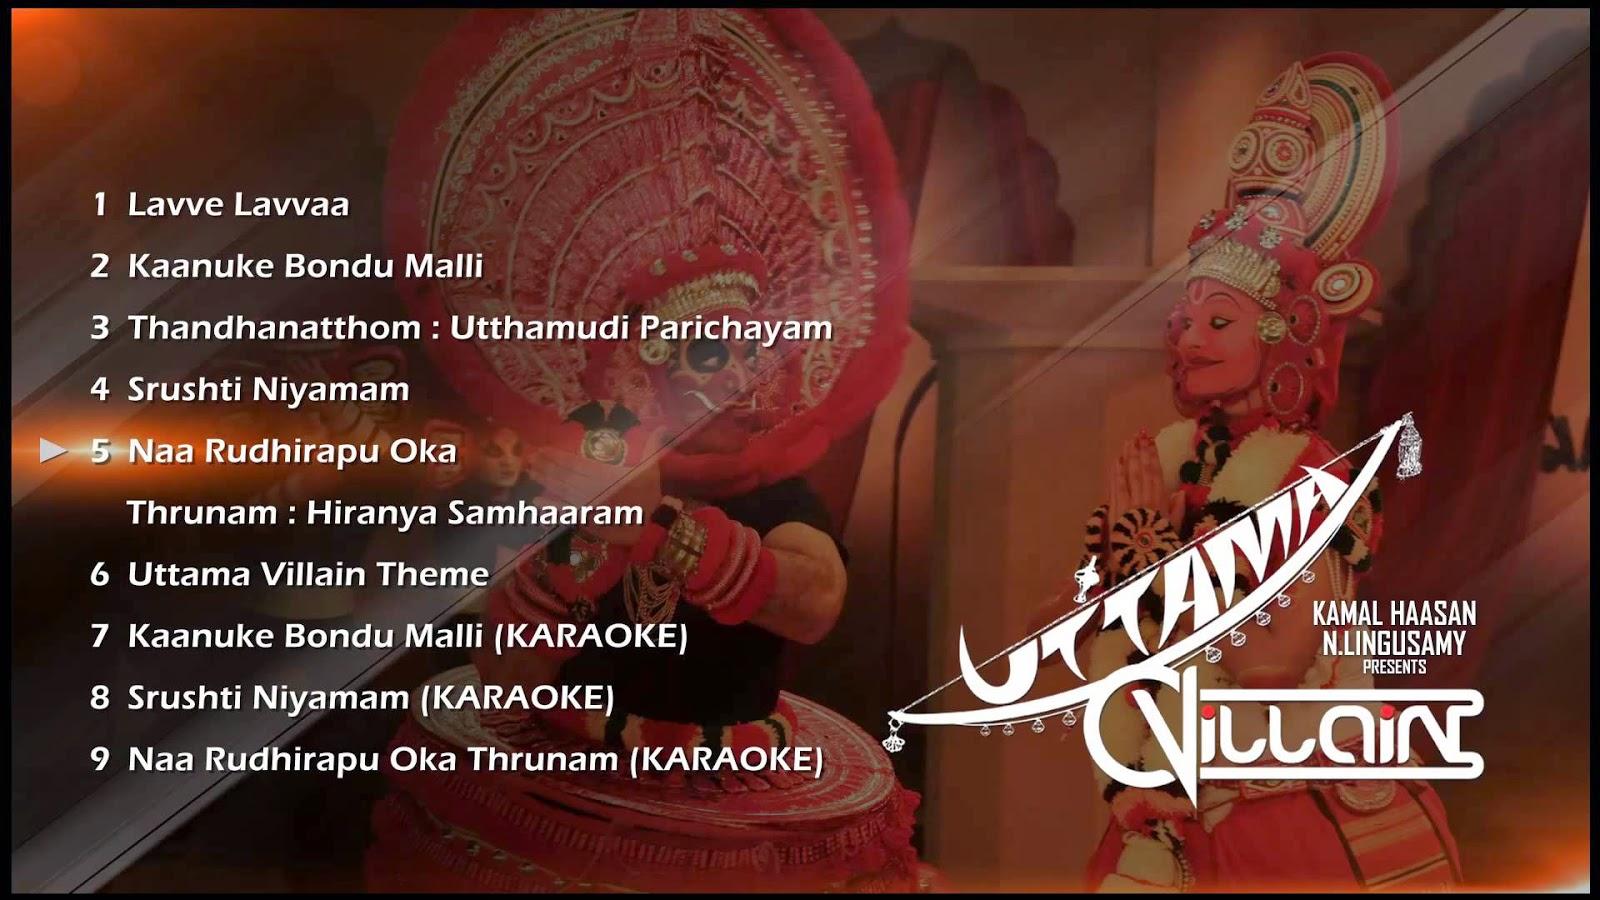 Uttama Villain Telugu Movie Full Audio Songs (Jukebox) | Kamal Haasan, Ghibran